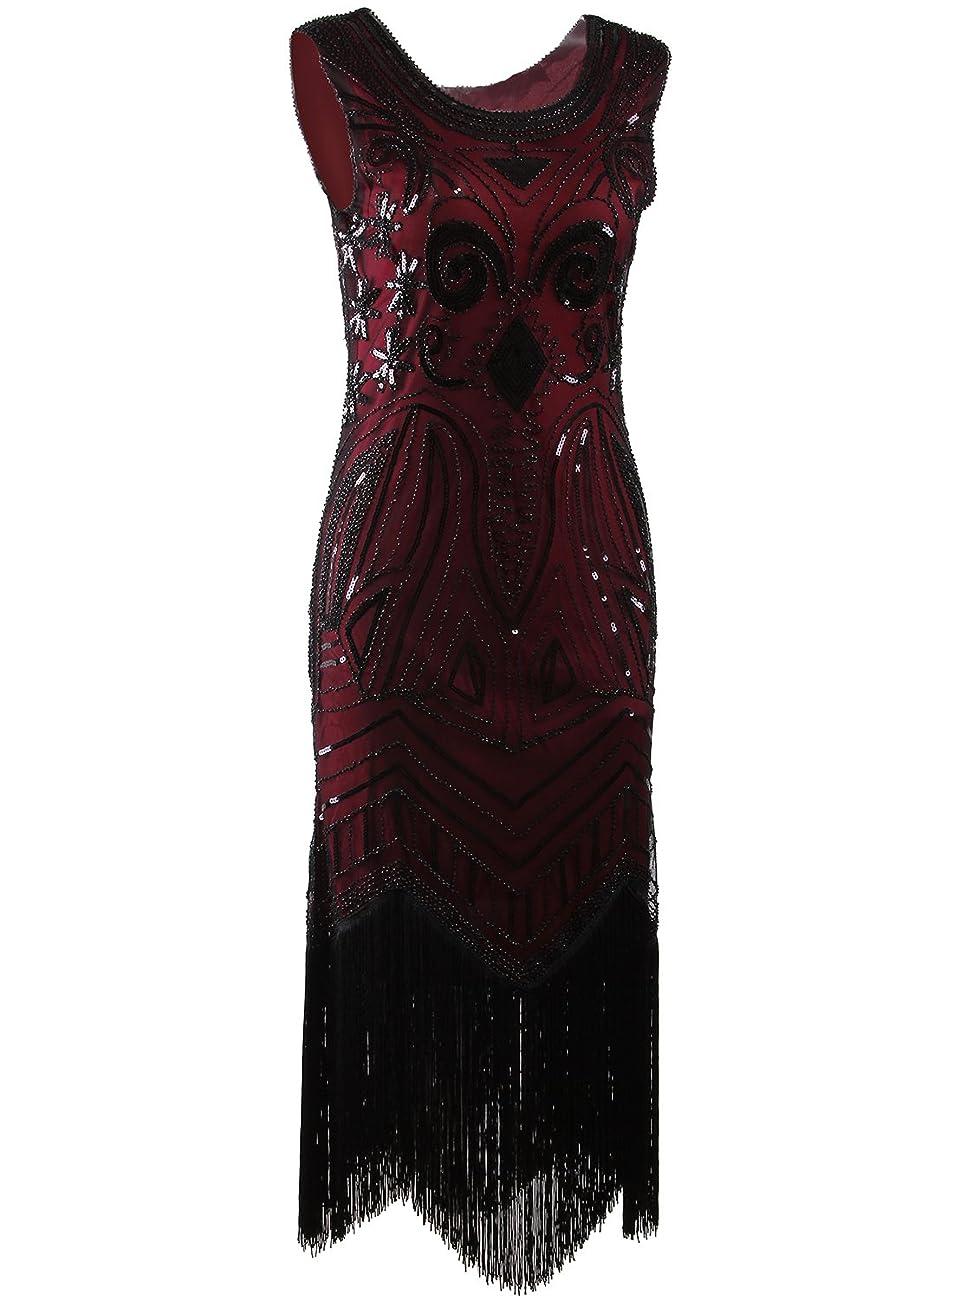 Vijiv Long Prom 1920's Vintage Gatsby Bead Sequin Art Nouveau Deco Flapper Dress 2